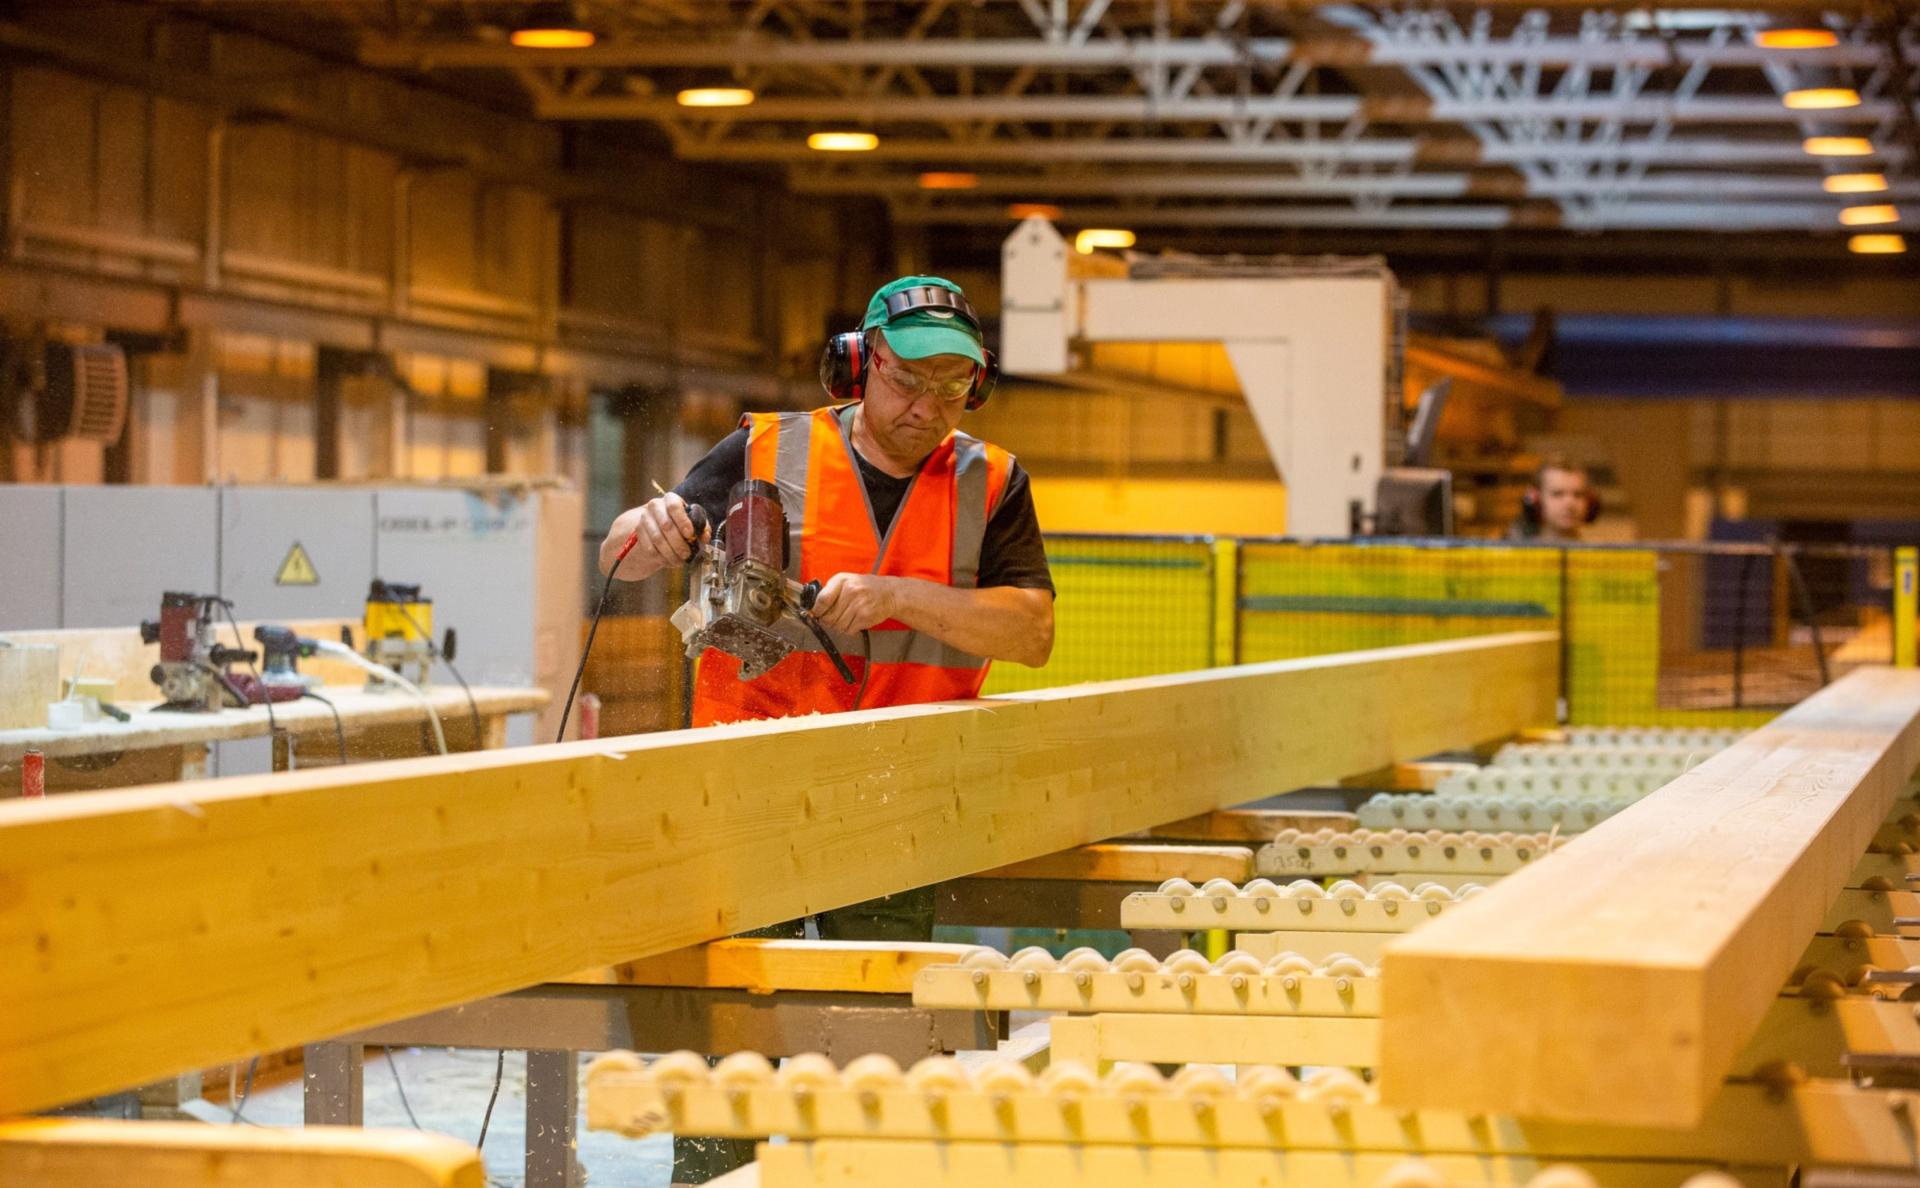 Глава лесопромышленного холдинга объяснил скачок цен на стройматериалы